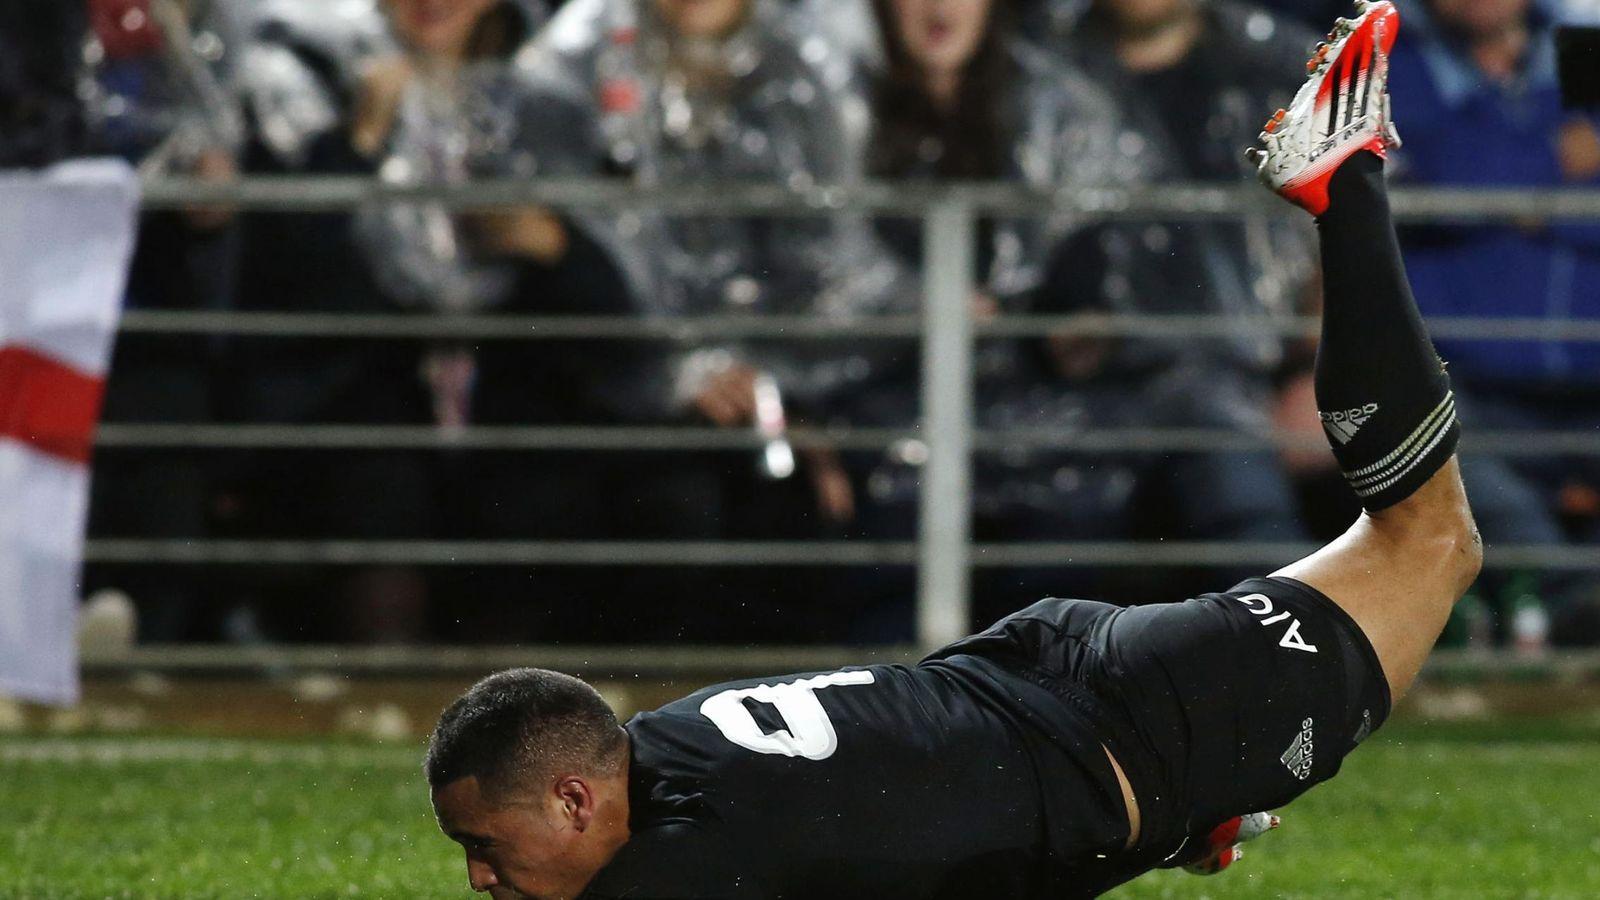 Foto: Aaron Smith logrando un ensayo con Nueva Zelanda.